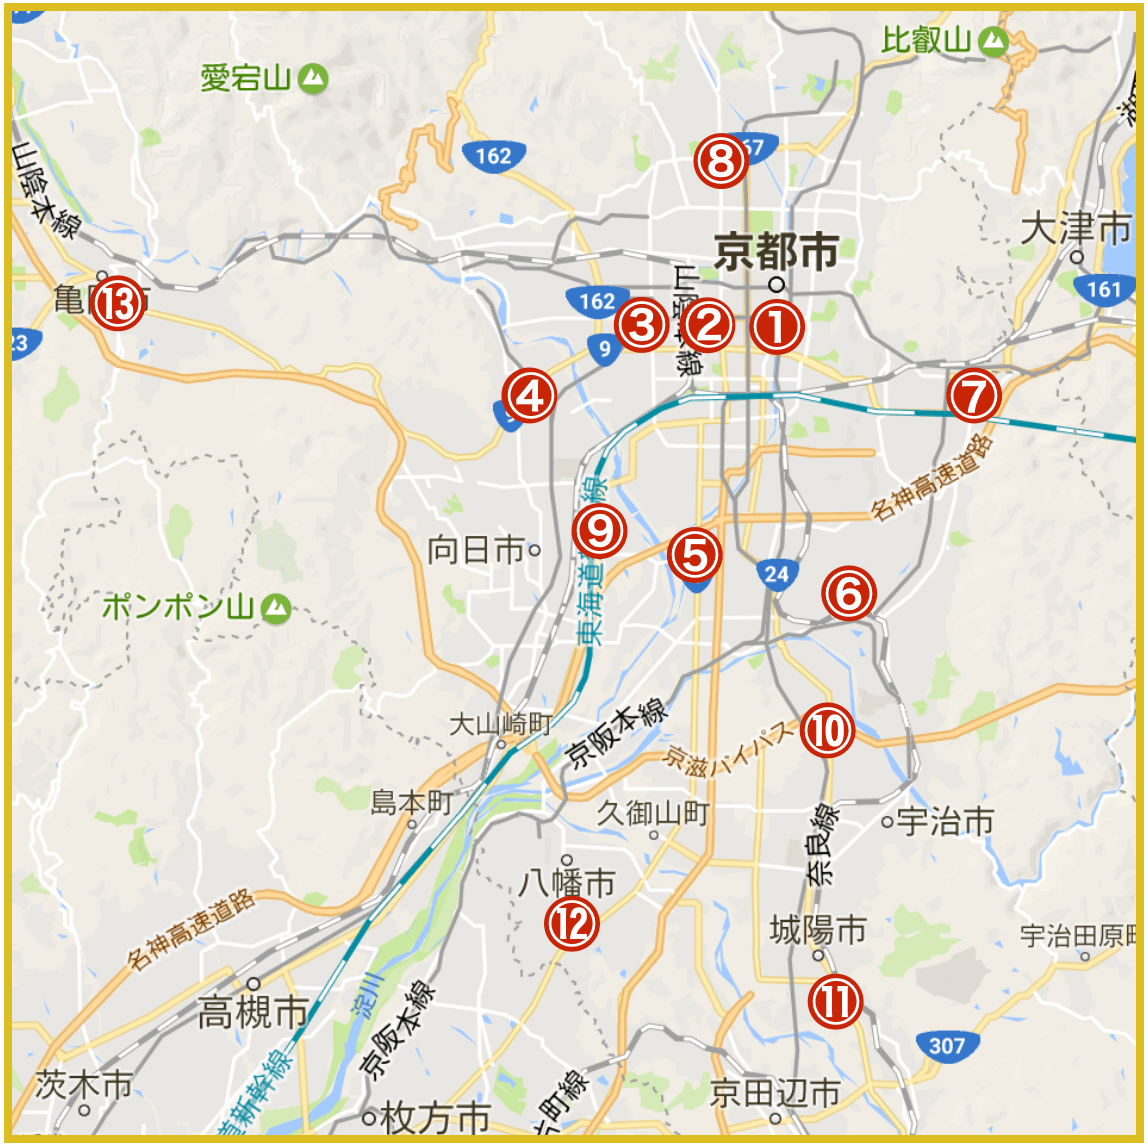 京都市周辺にあるプロミス店舗・ATMの位置(2020年版)